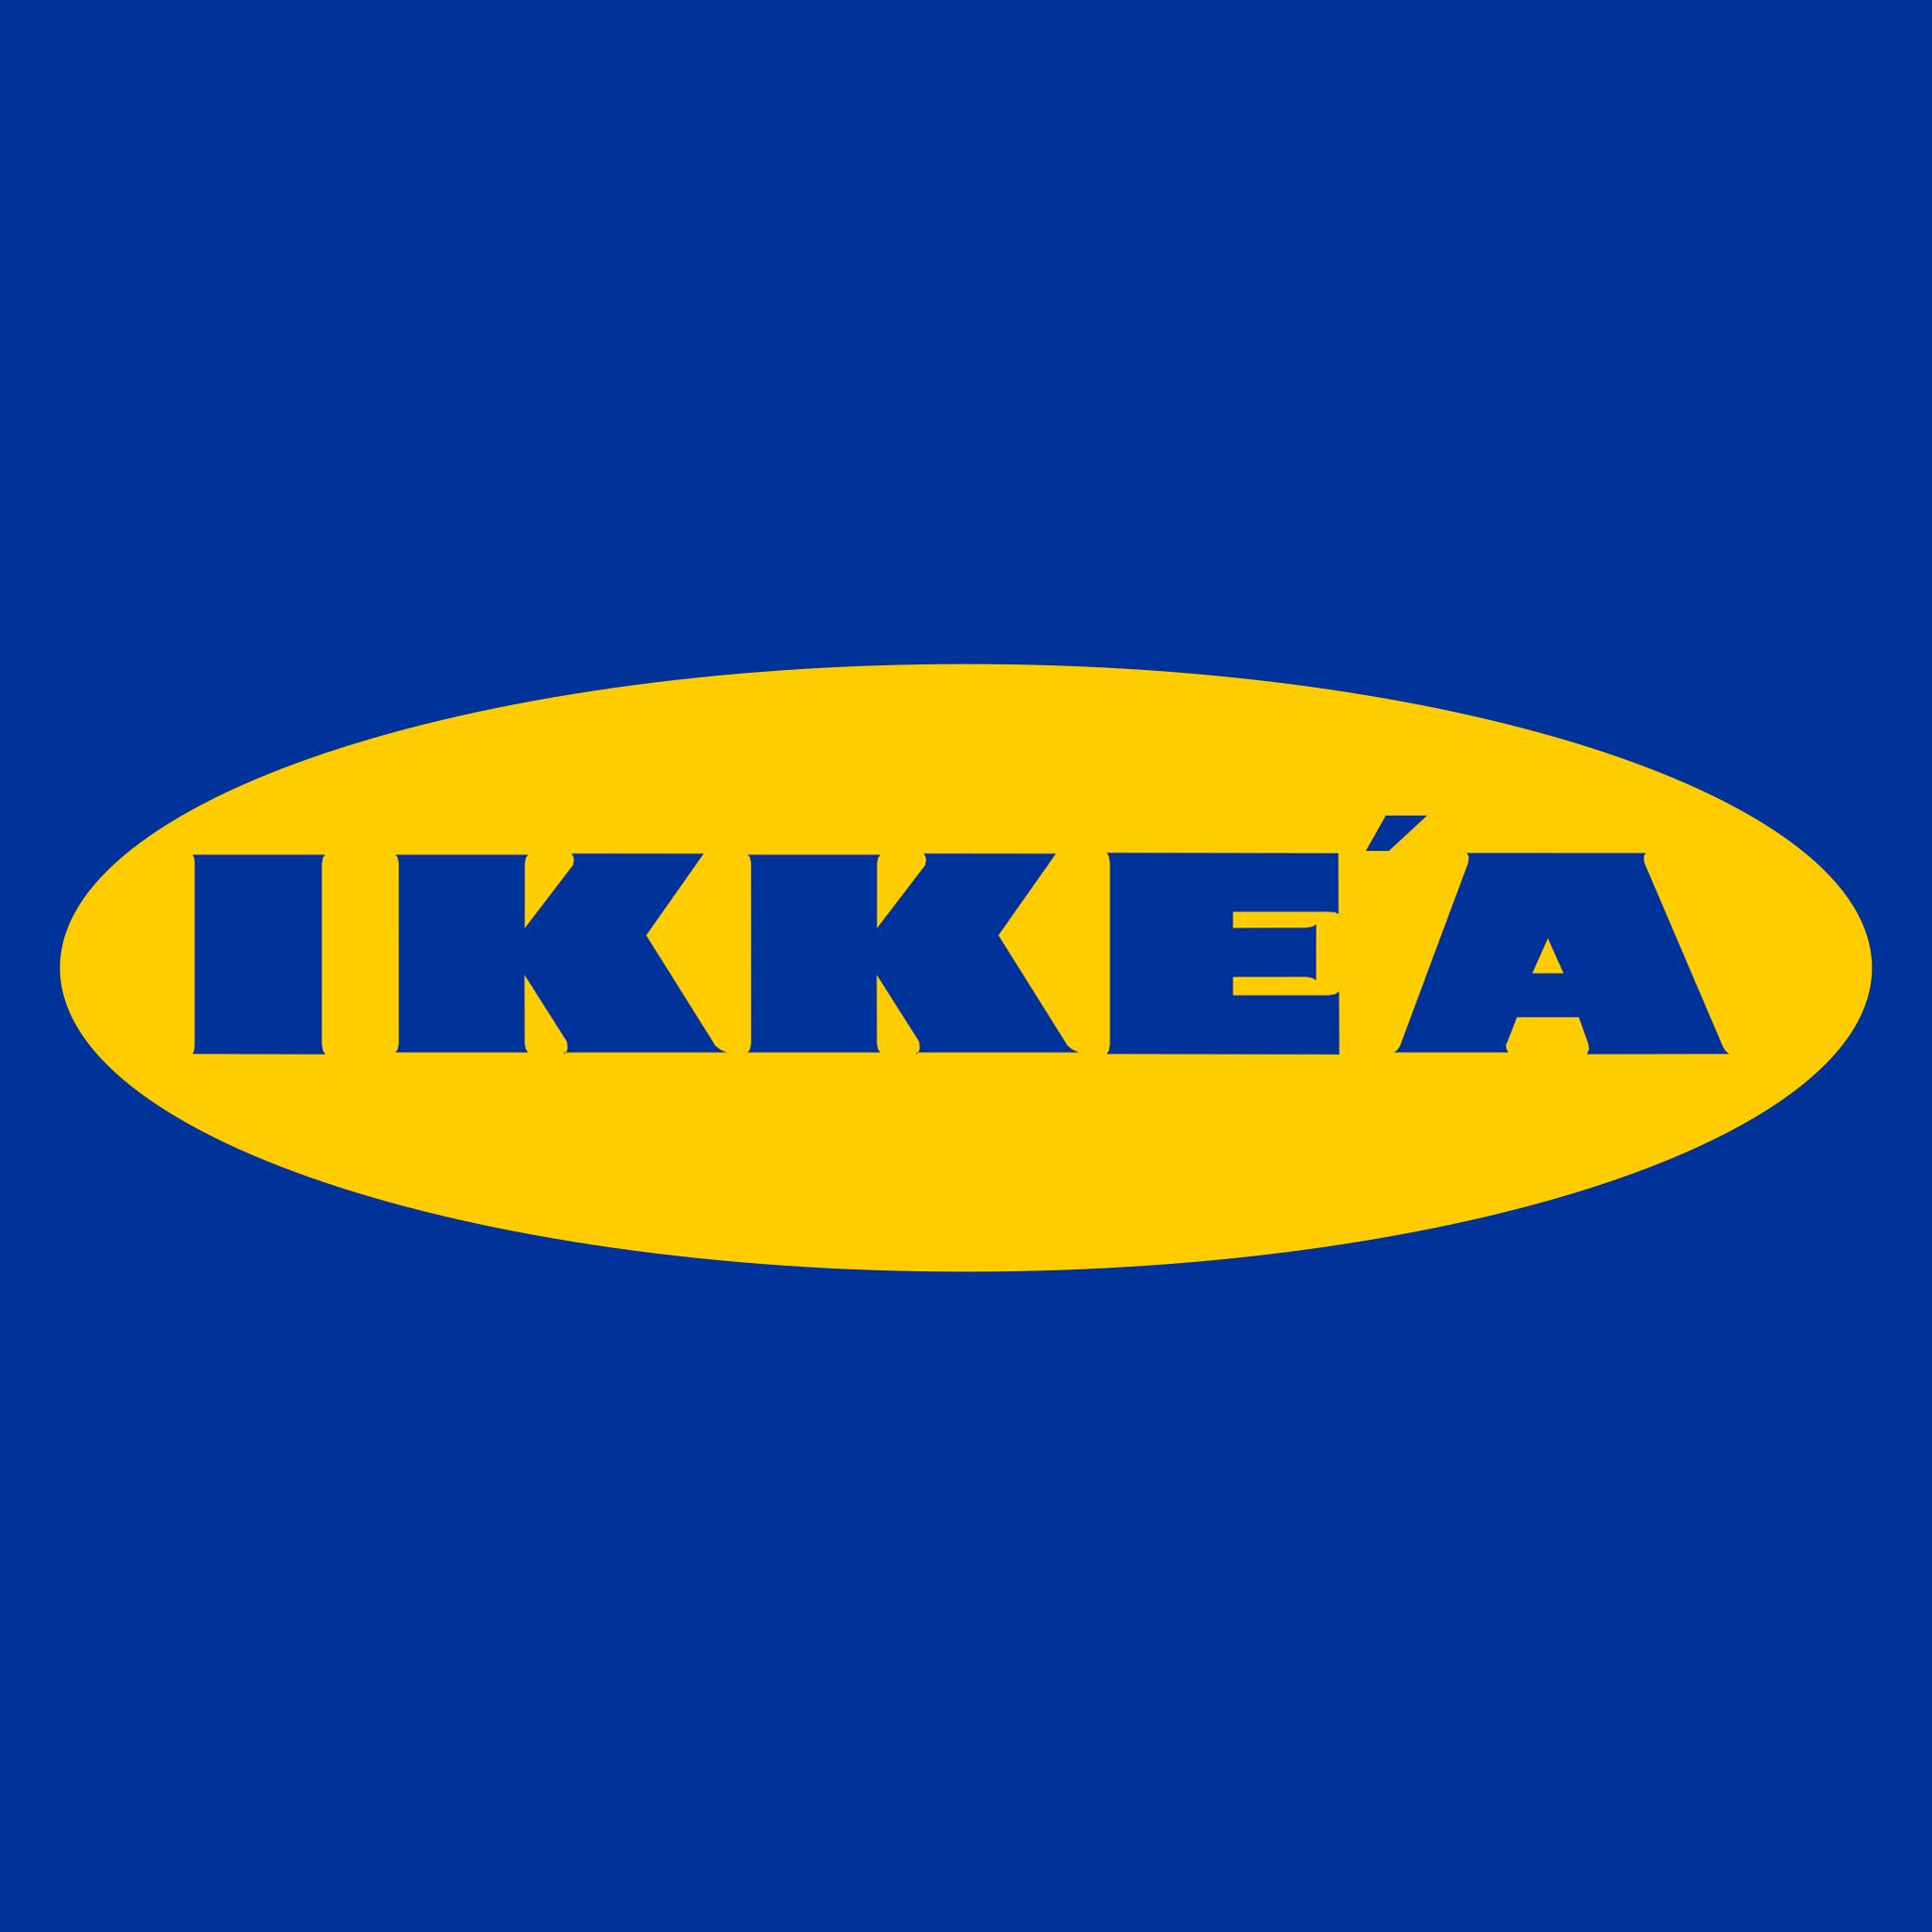 IKKE'A.jpg